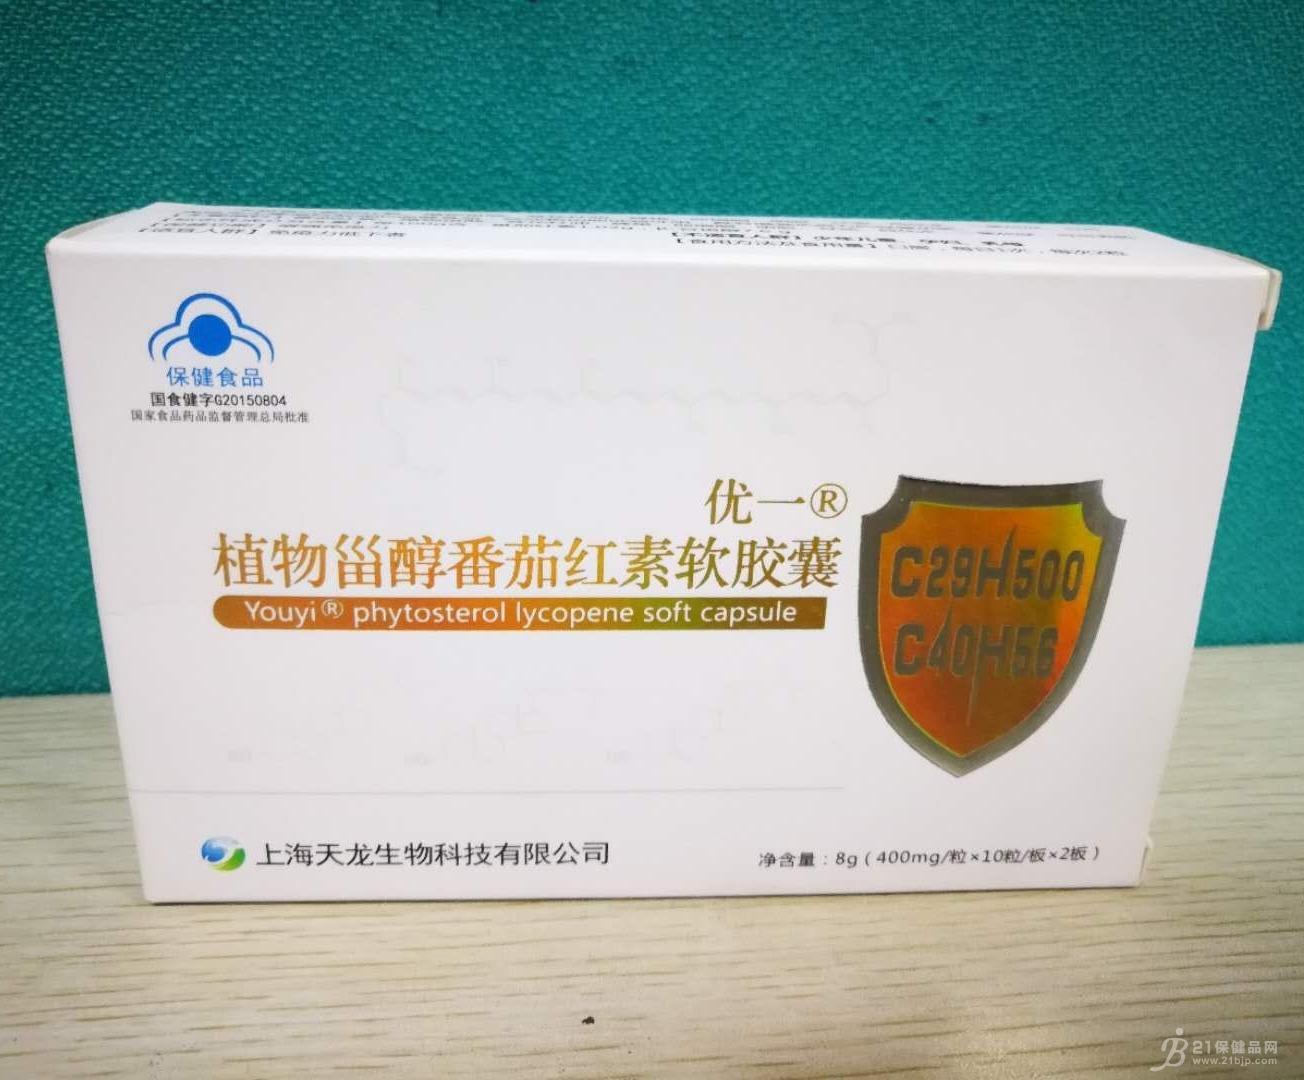 优一®植物甾醇番茄红素软胶囊(医院款)